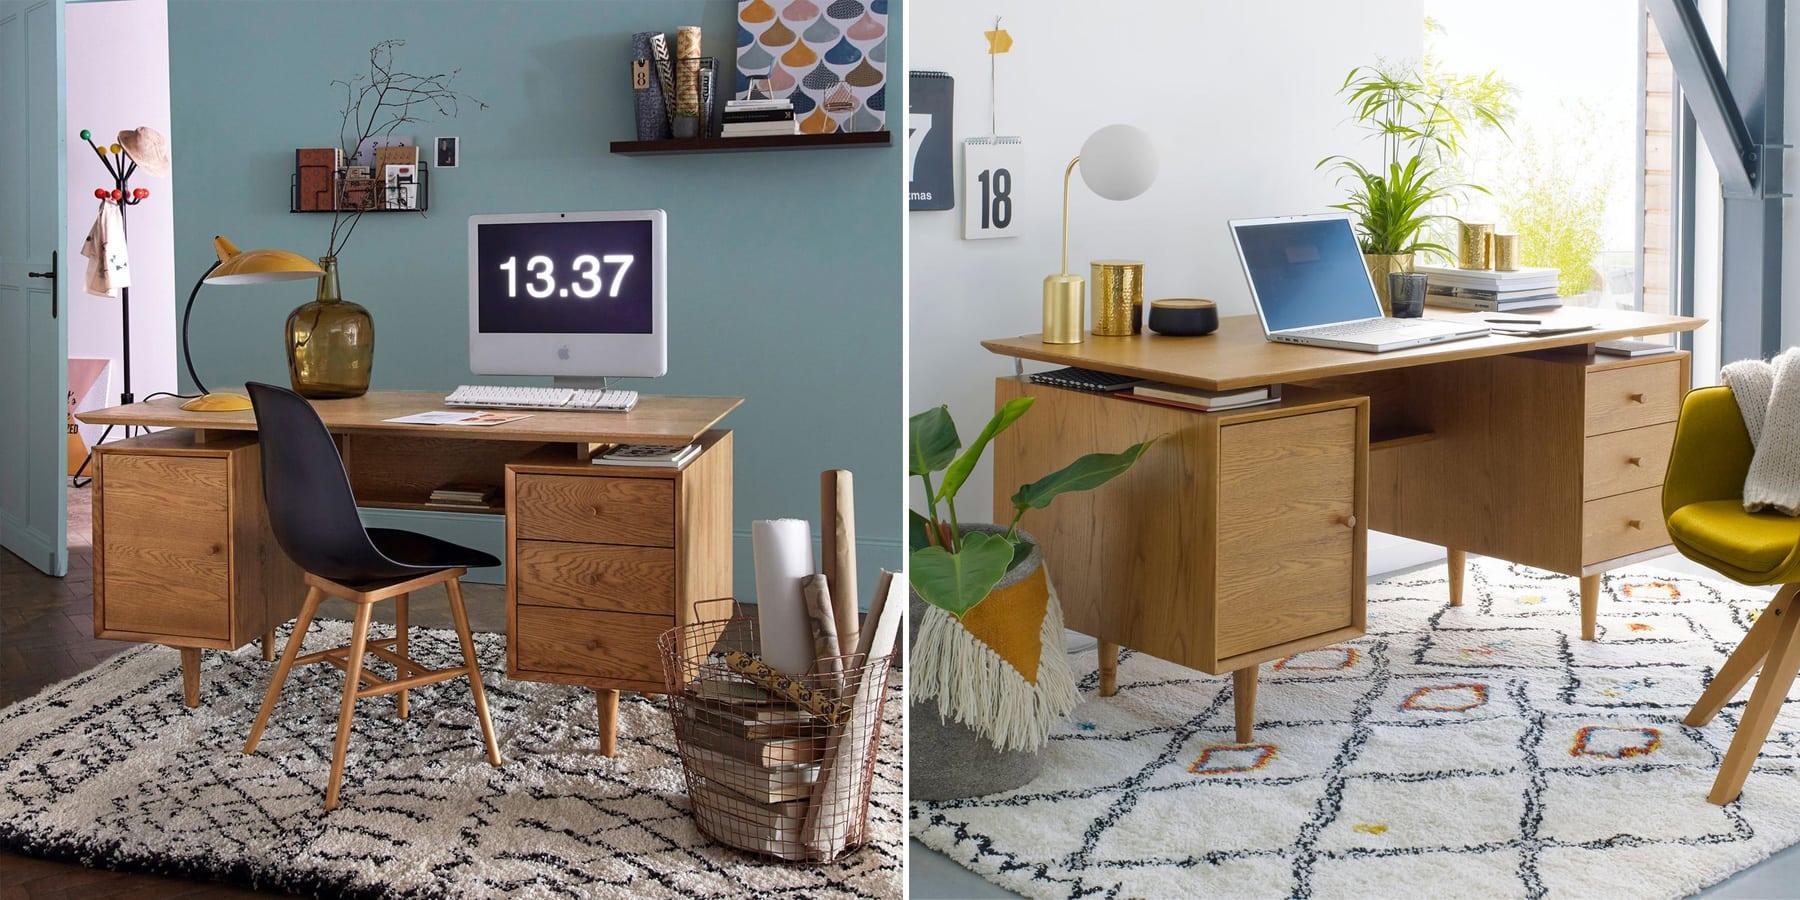 Où acheter un tapis berbère - Inspirations déco : un tapis berbère dans le bureau